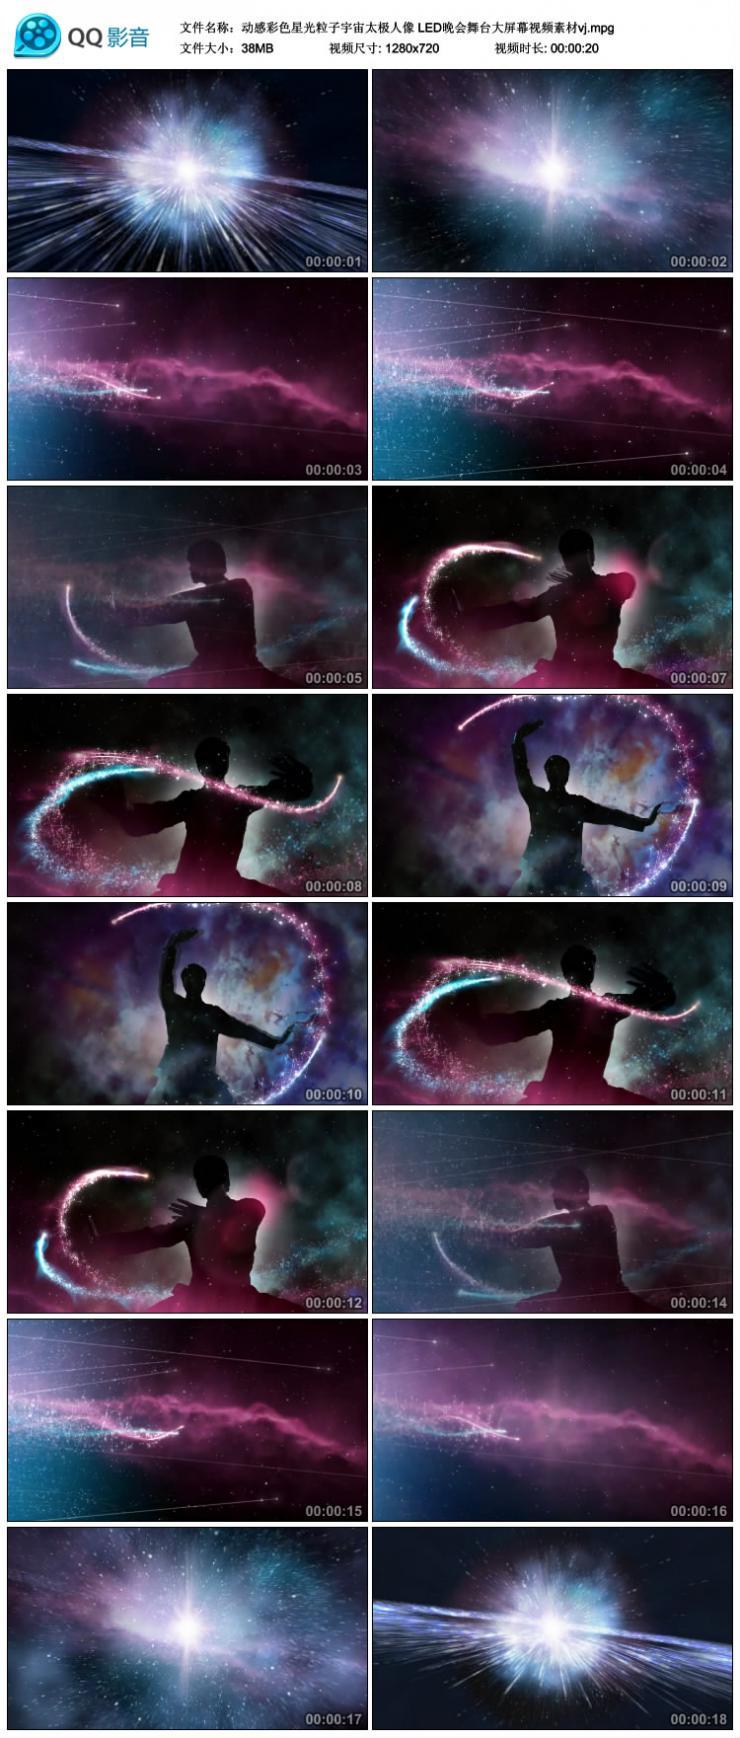 动感彩色星光粒子宇宙太极人像LED晚会舞台大屏幕视频素材vj